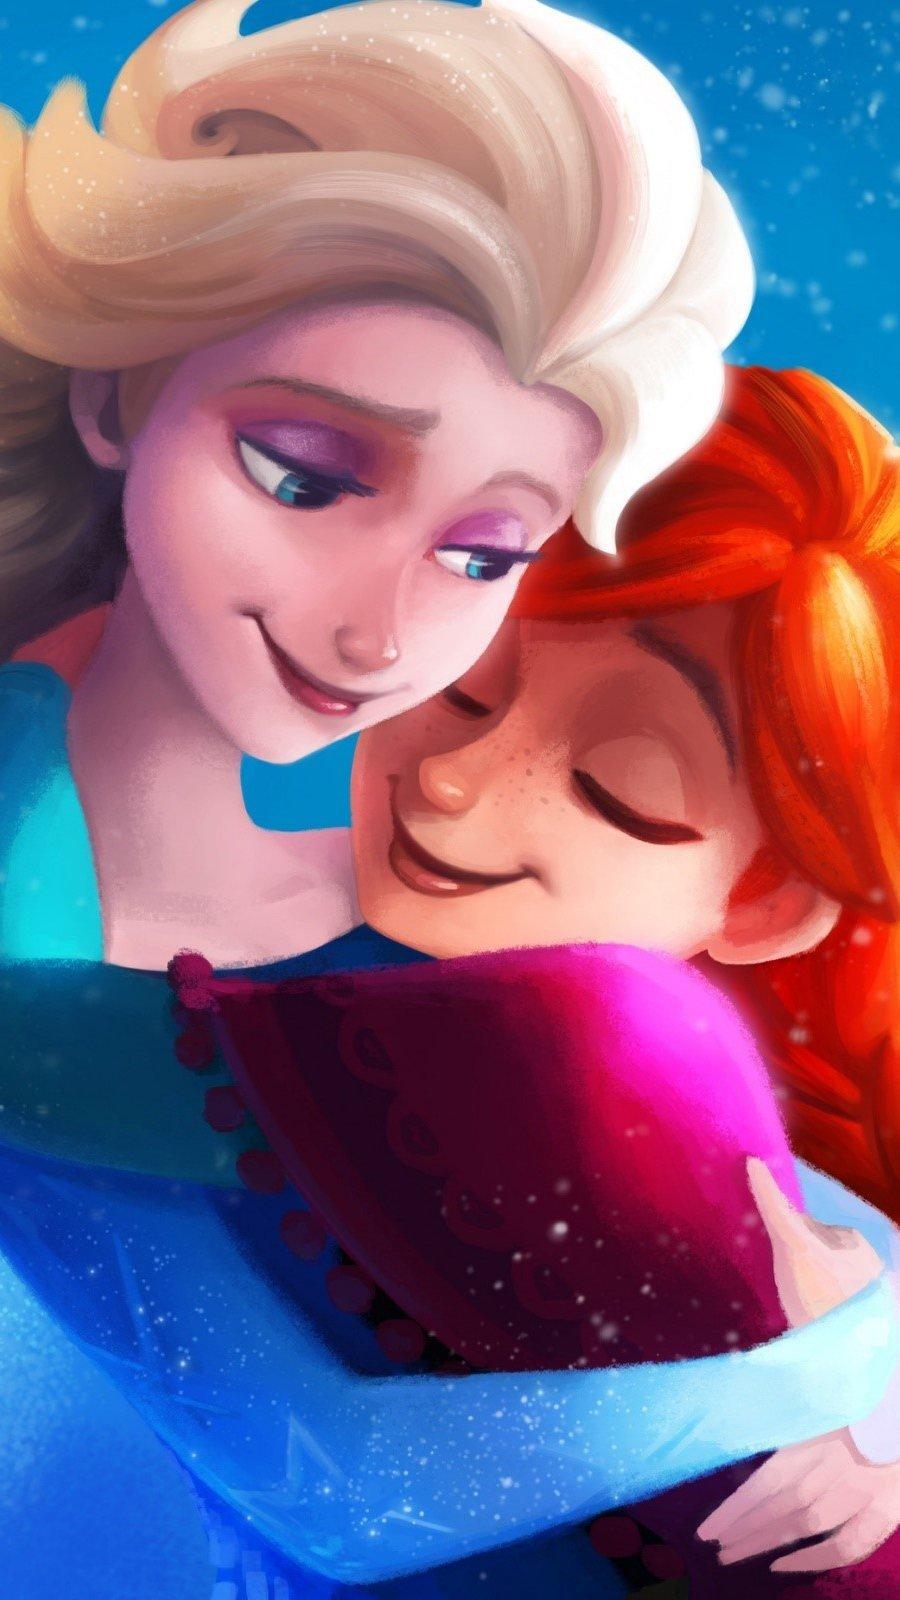 Wallpaper Elsa and Anna from Frozen Vertical